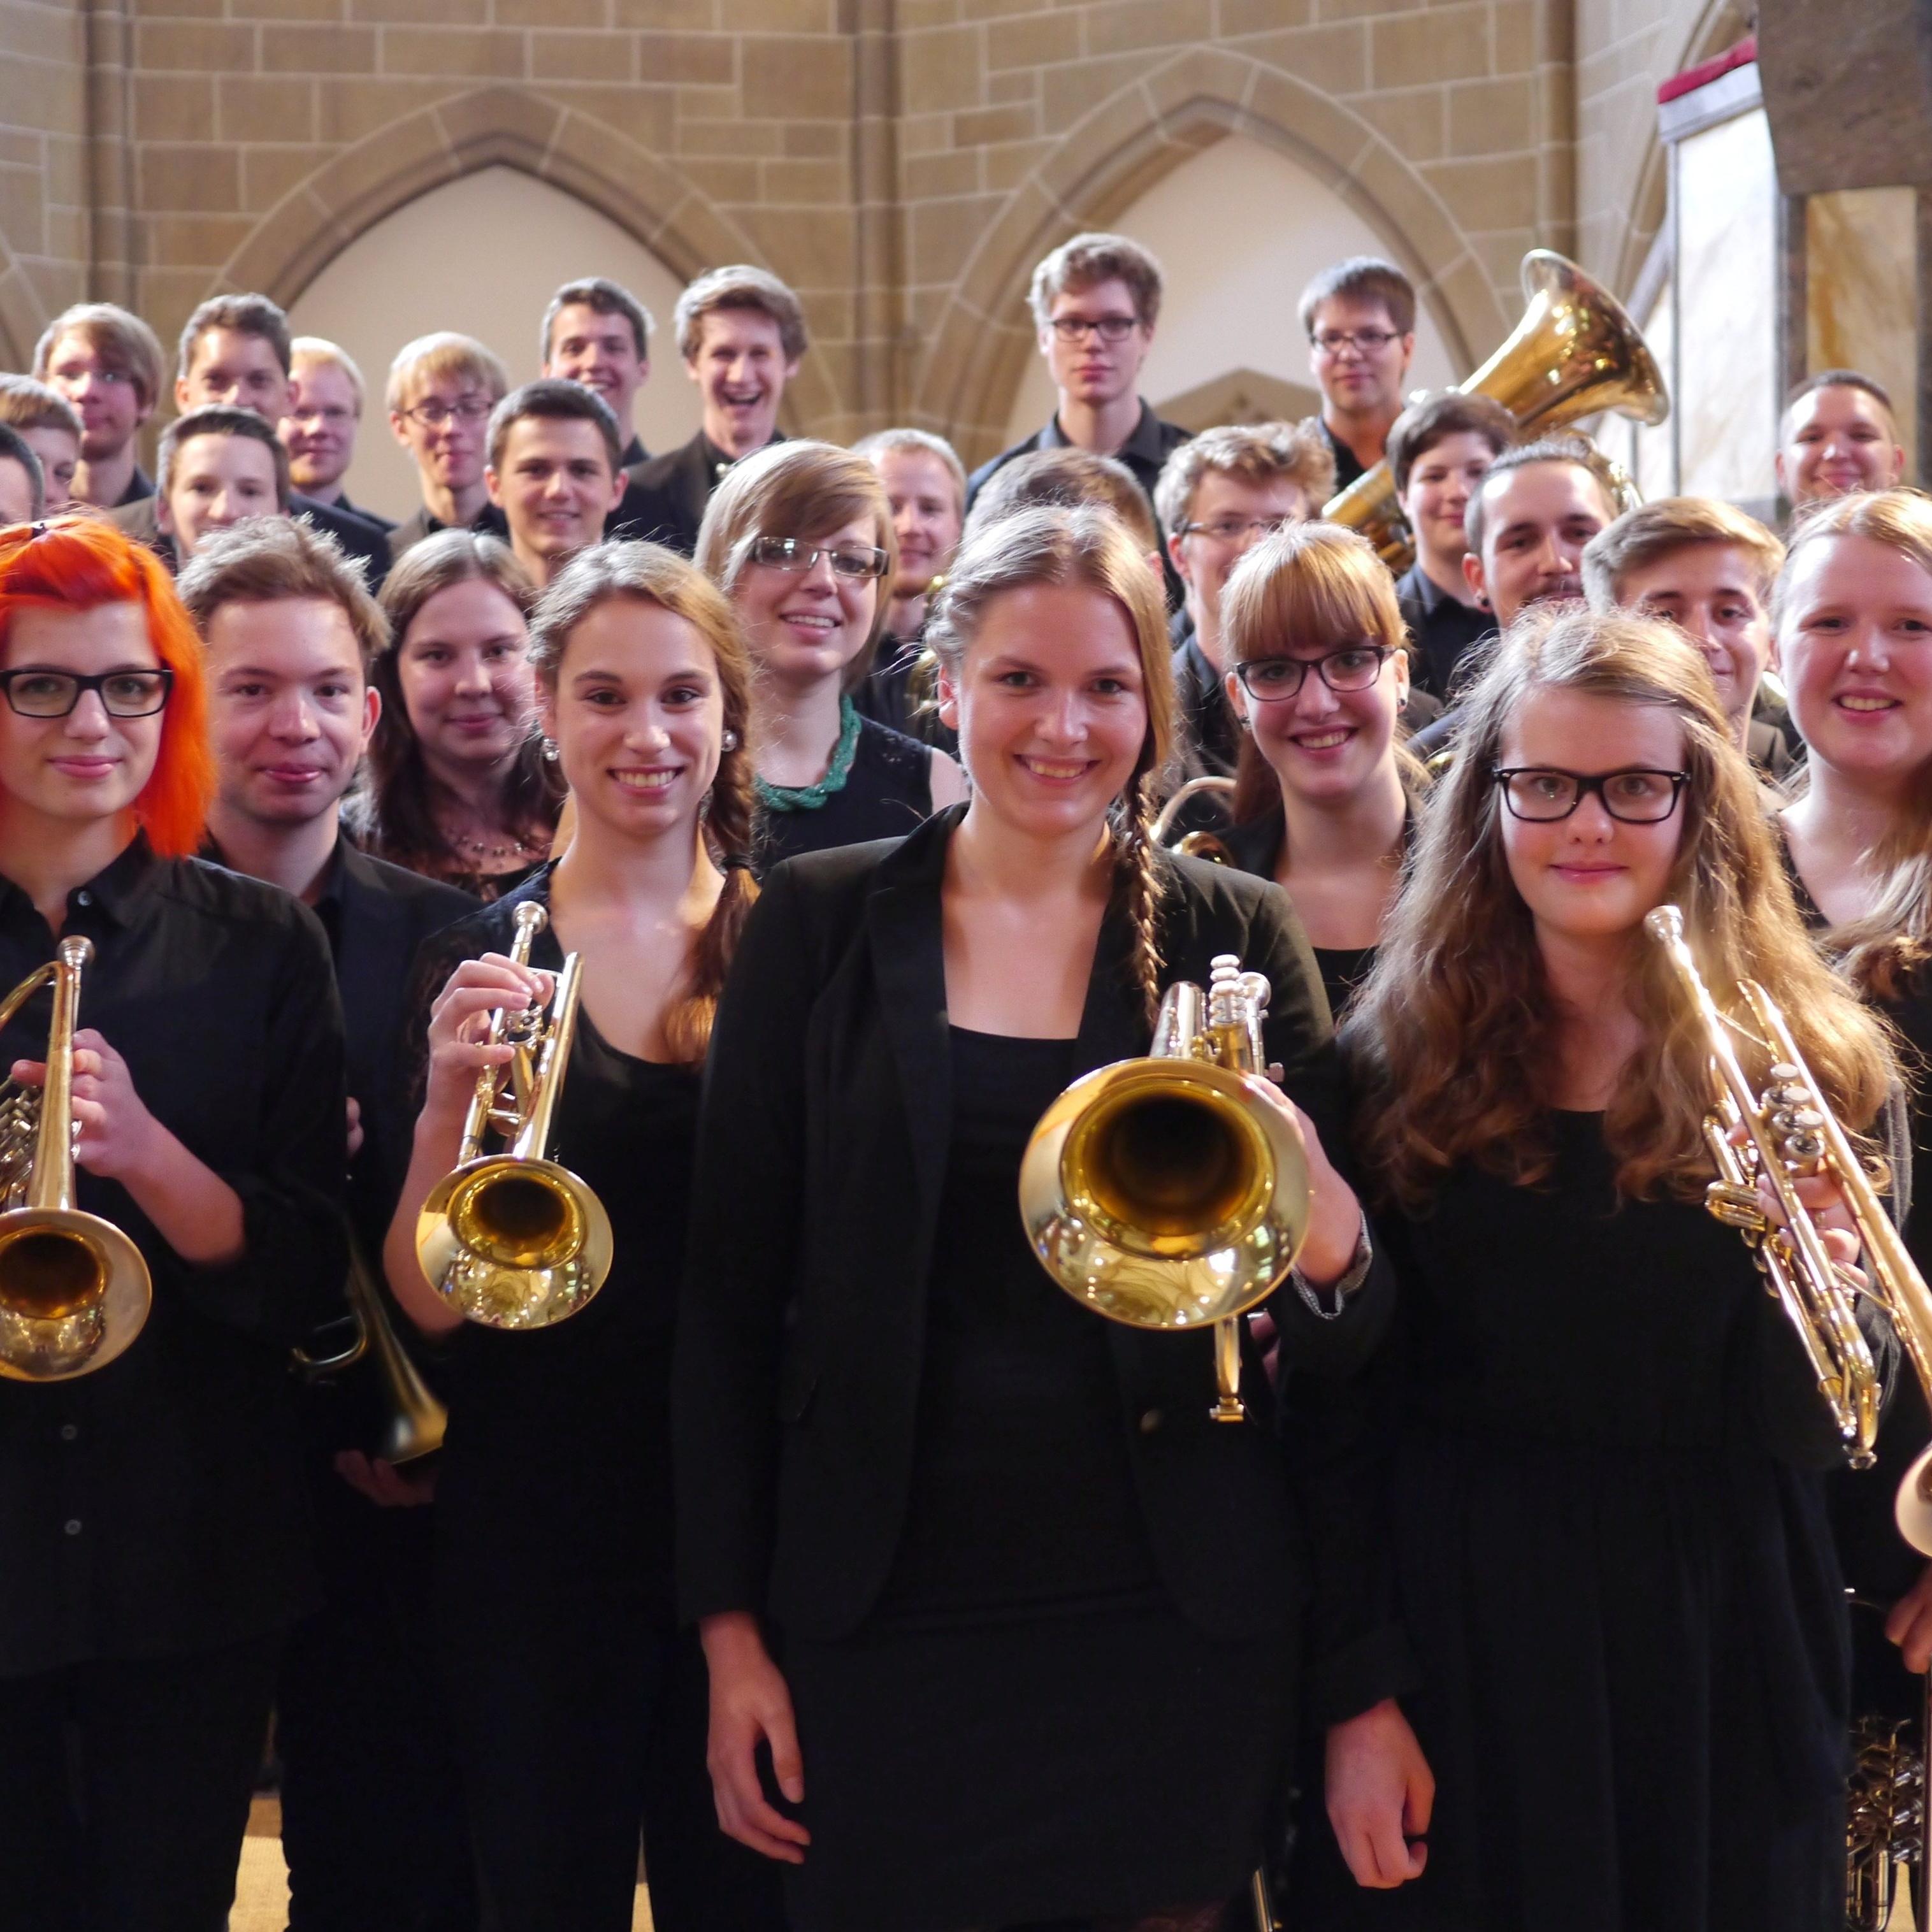 Mit dem Landesjugendposaunenchor Bläsermusik zur Reformation am Abdinghof